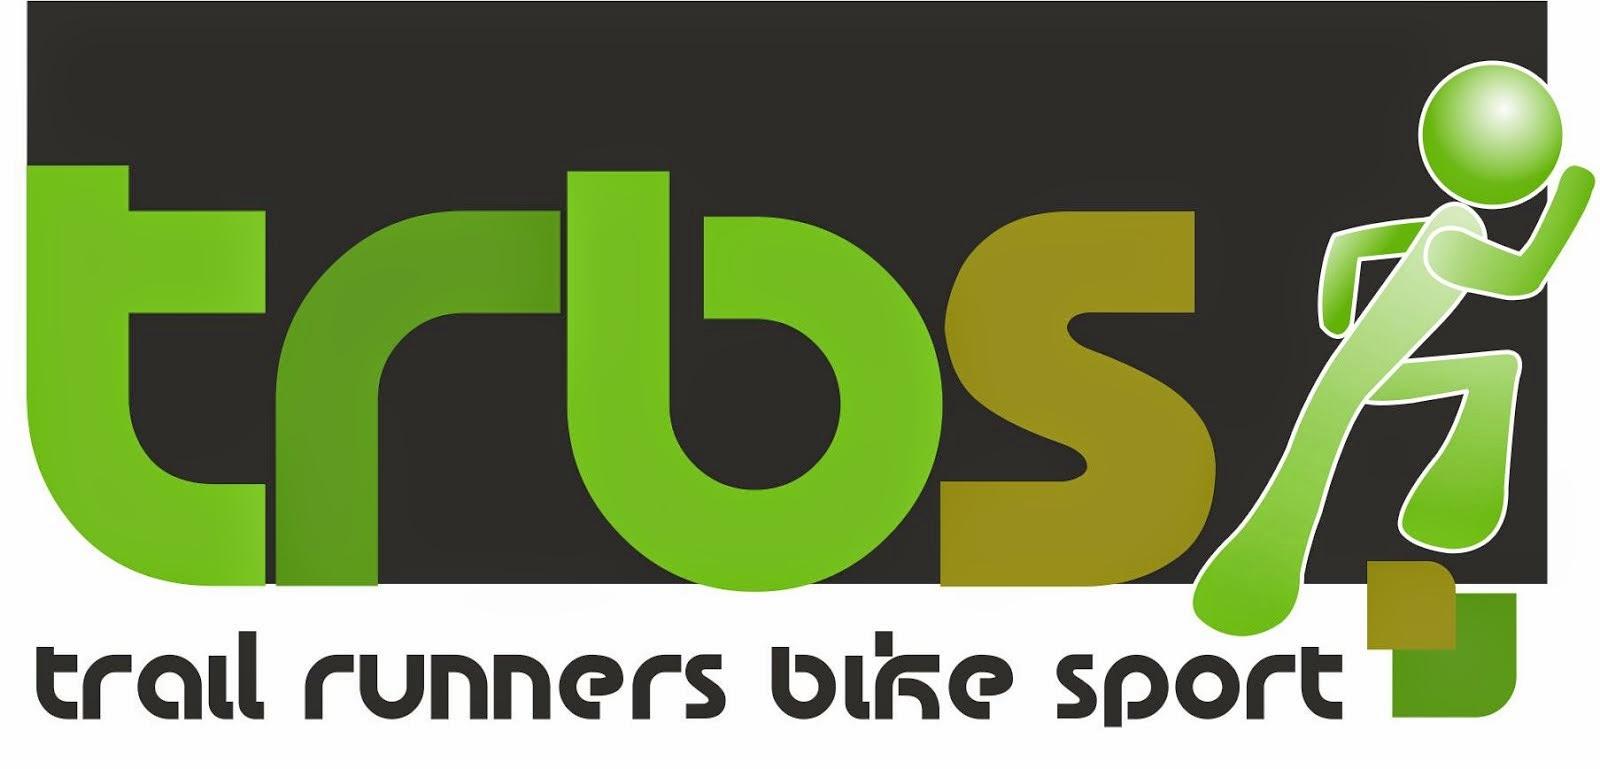 http://trailrunnersbikesports.com